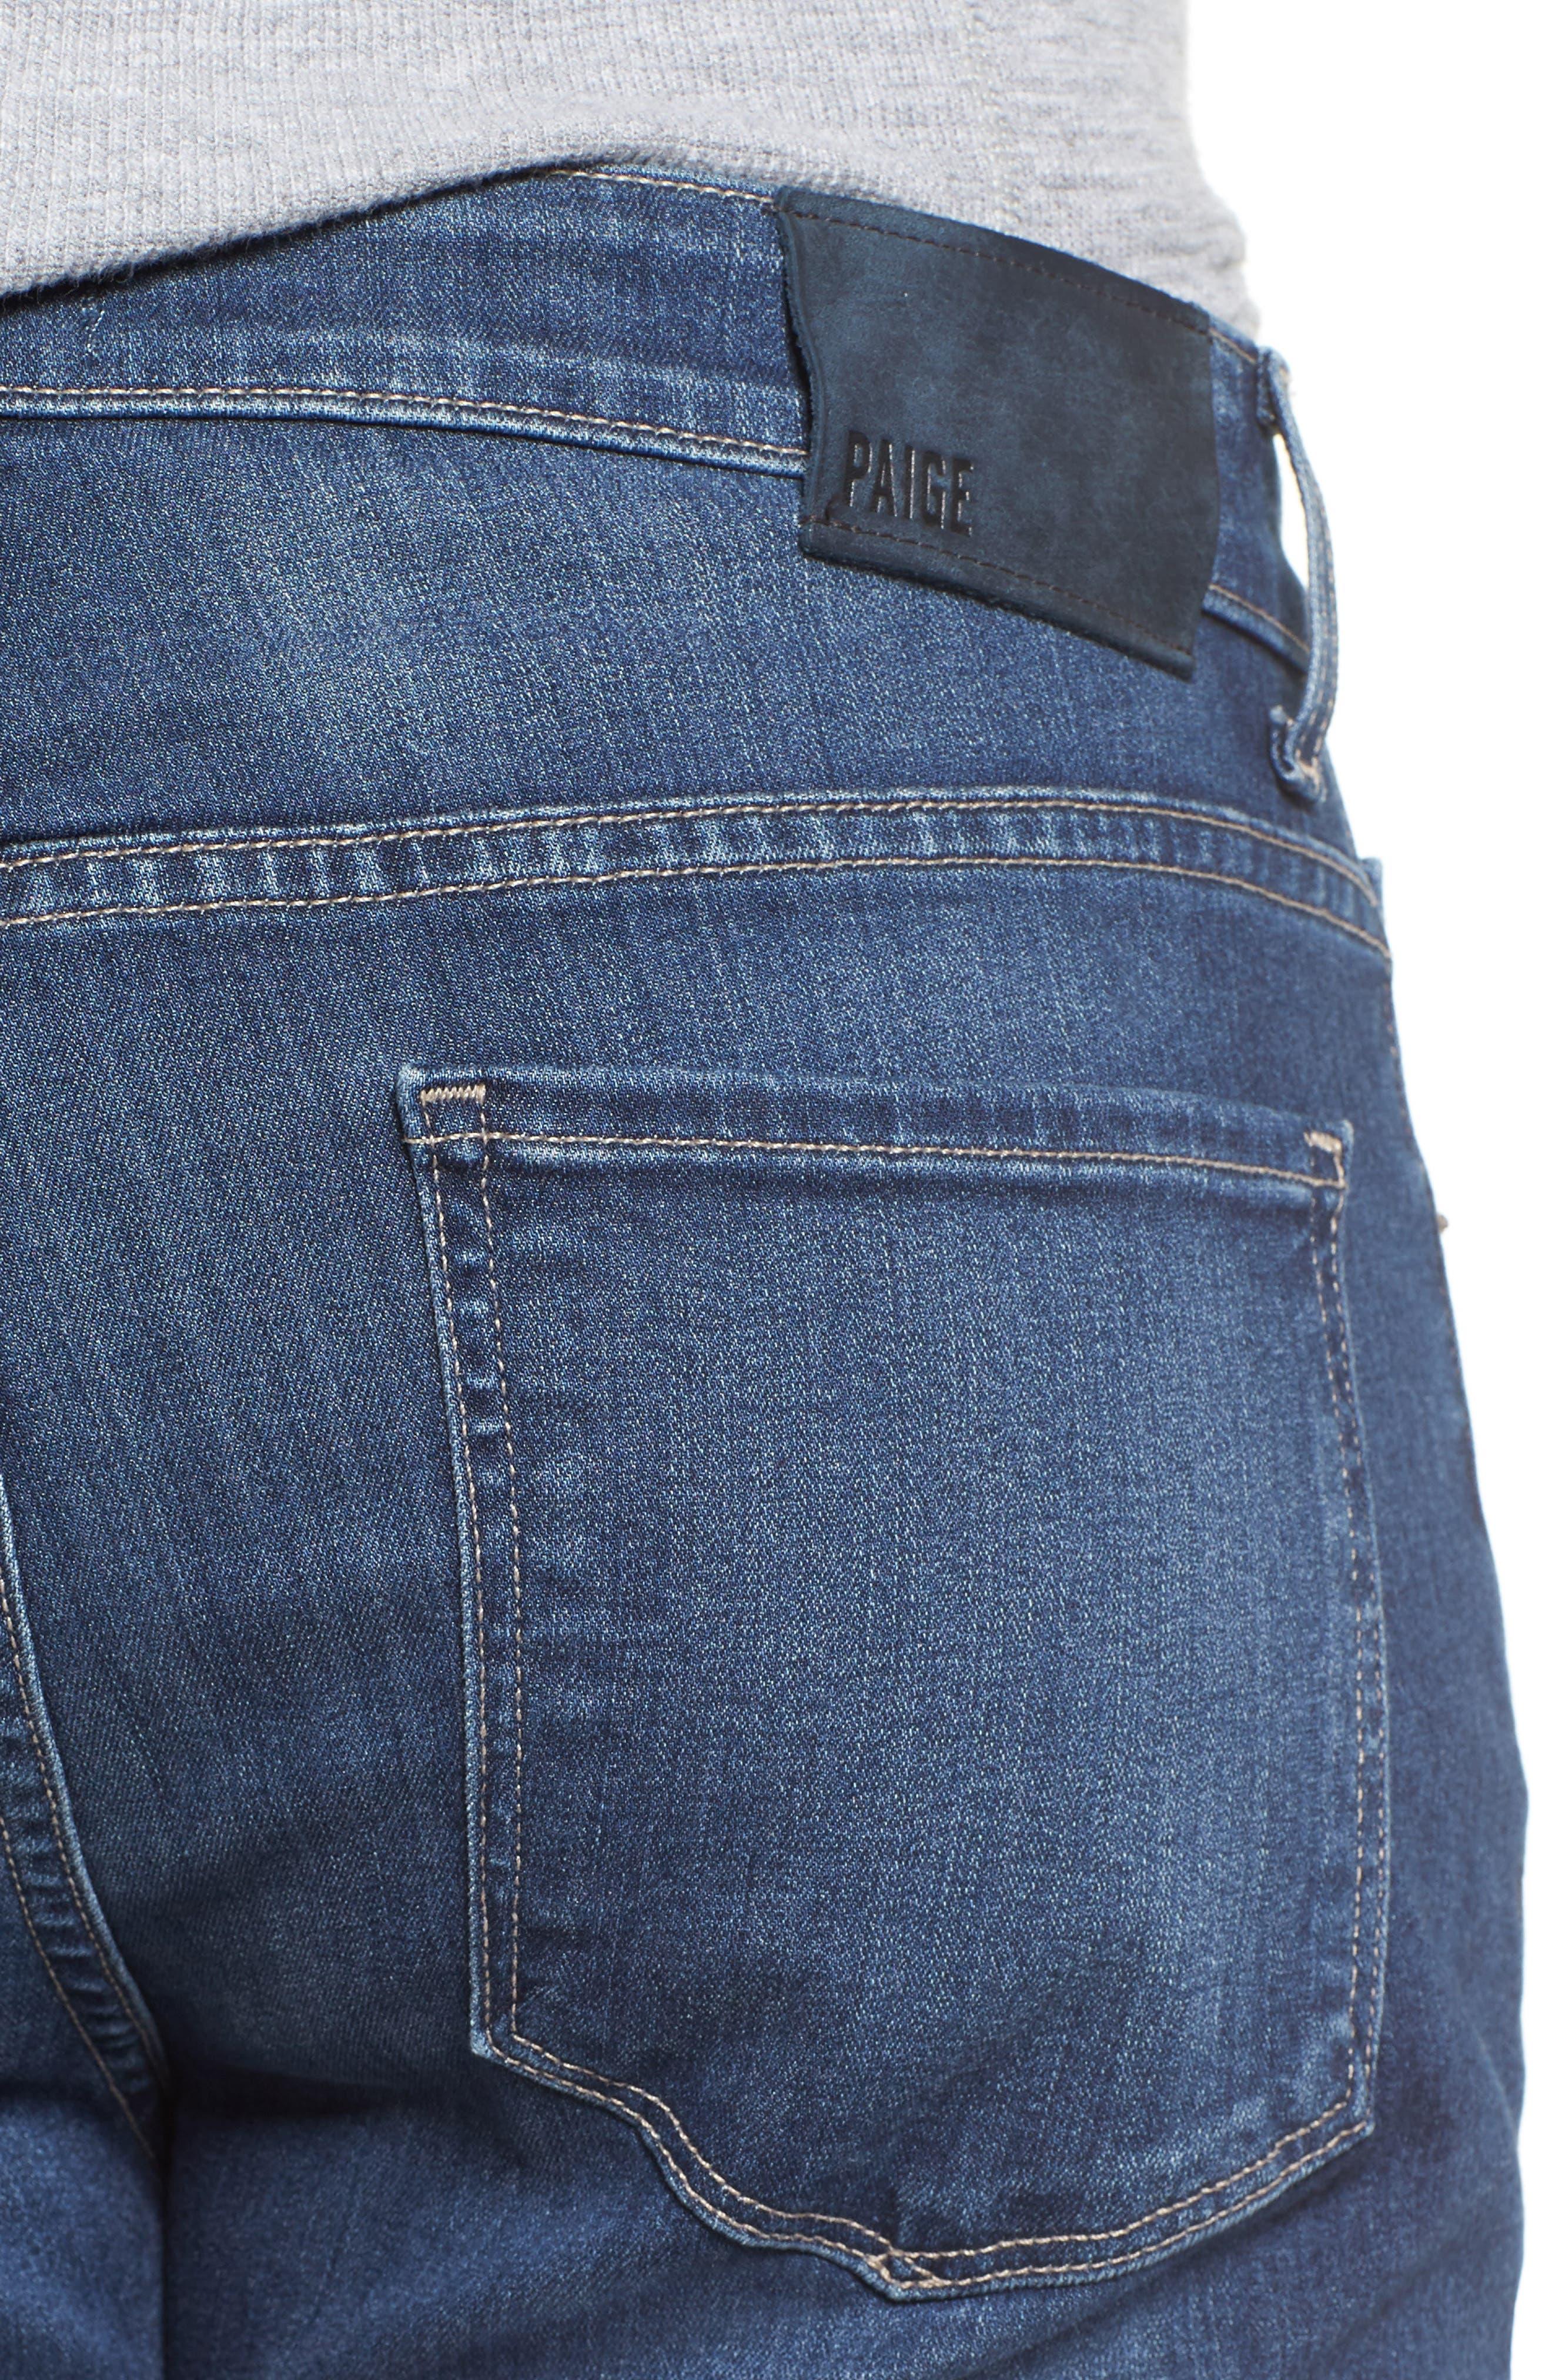 Transcend - Lennox Straight Leg Jeans,                             Alternate thumbnail 4, color,                             400